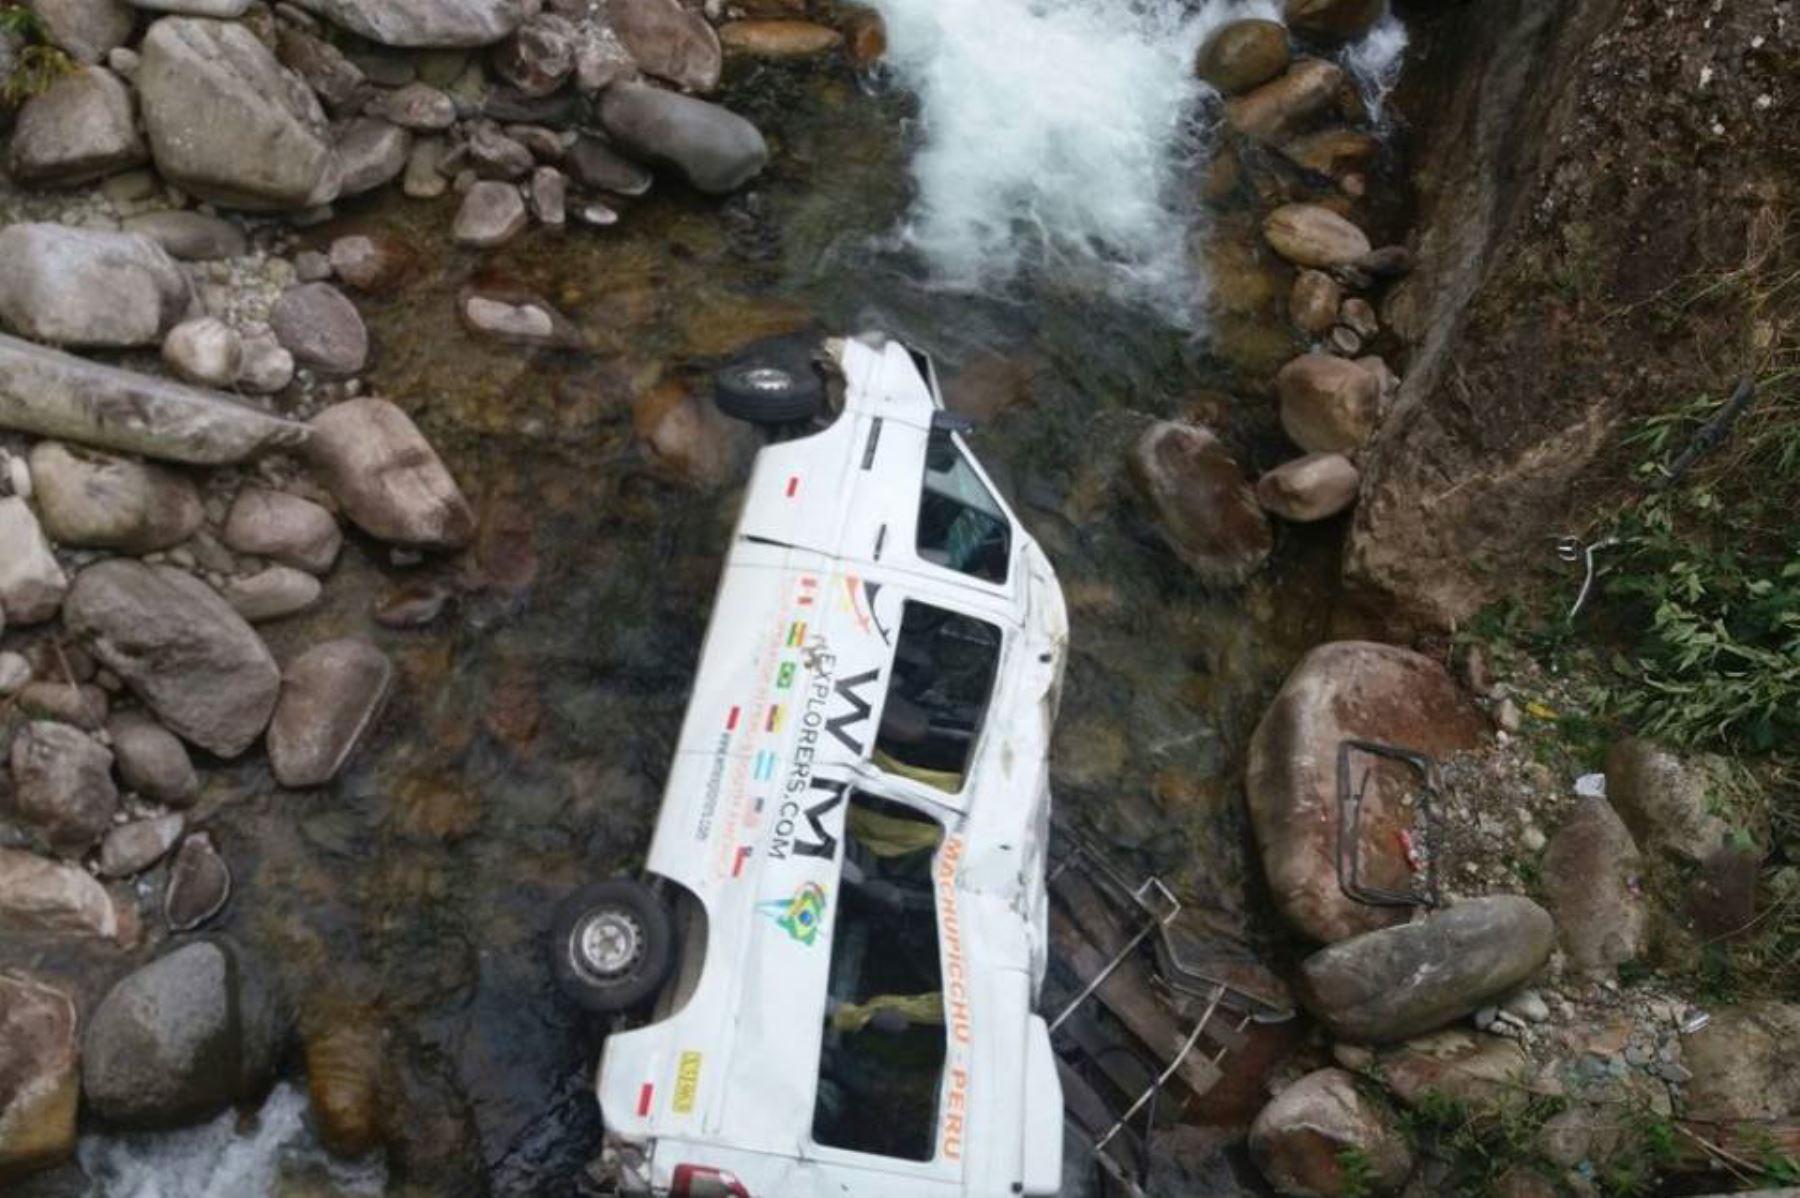 Van con 17 turistas a bordo se precipitó a un río en la carretera Cusco-Quillabamba, vía alterna que conduce al parque arqueológico de Machu Picchu.